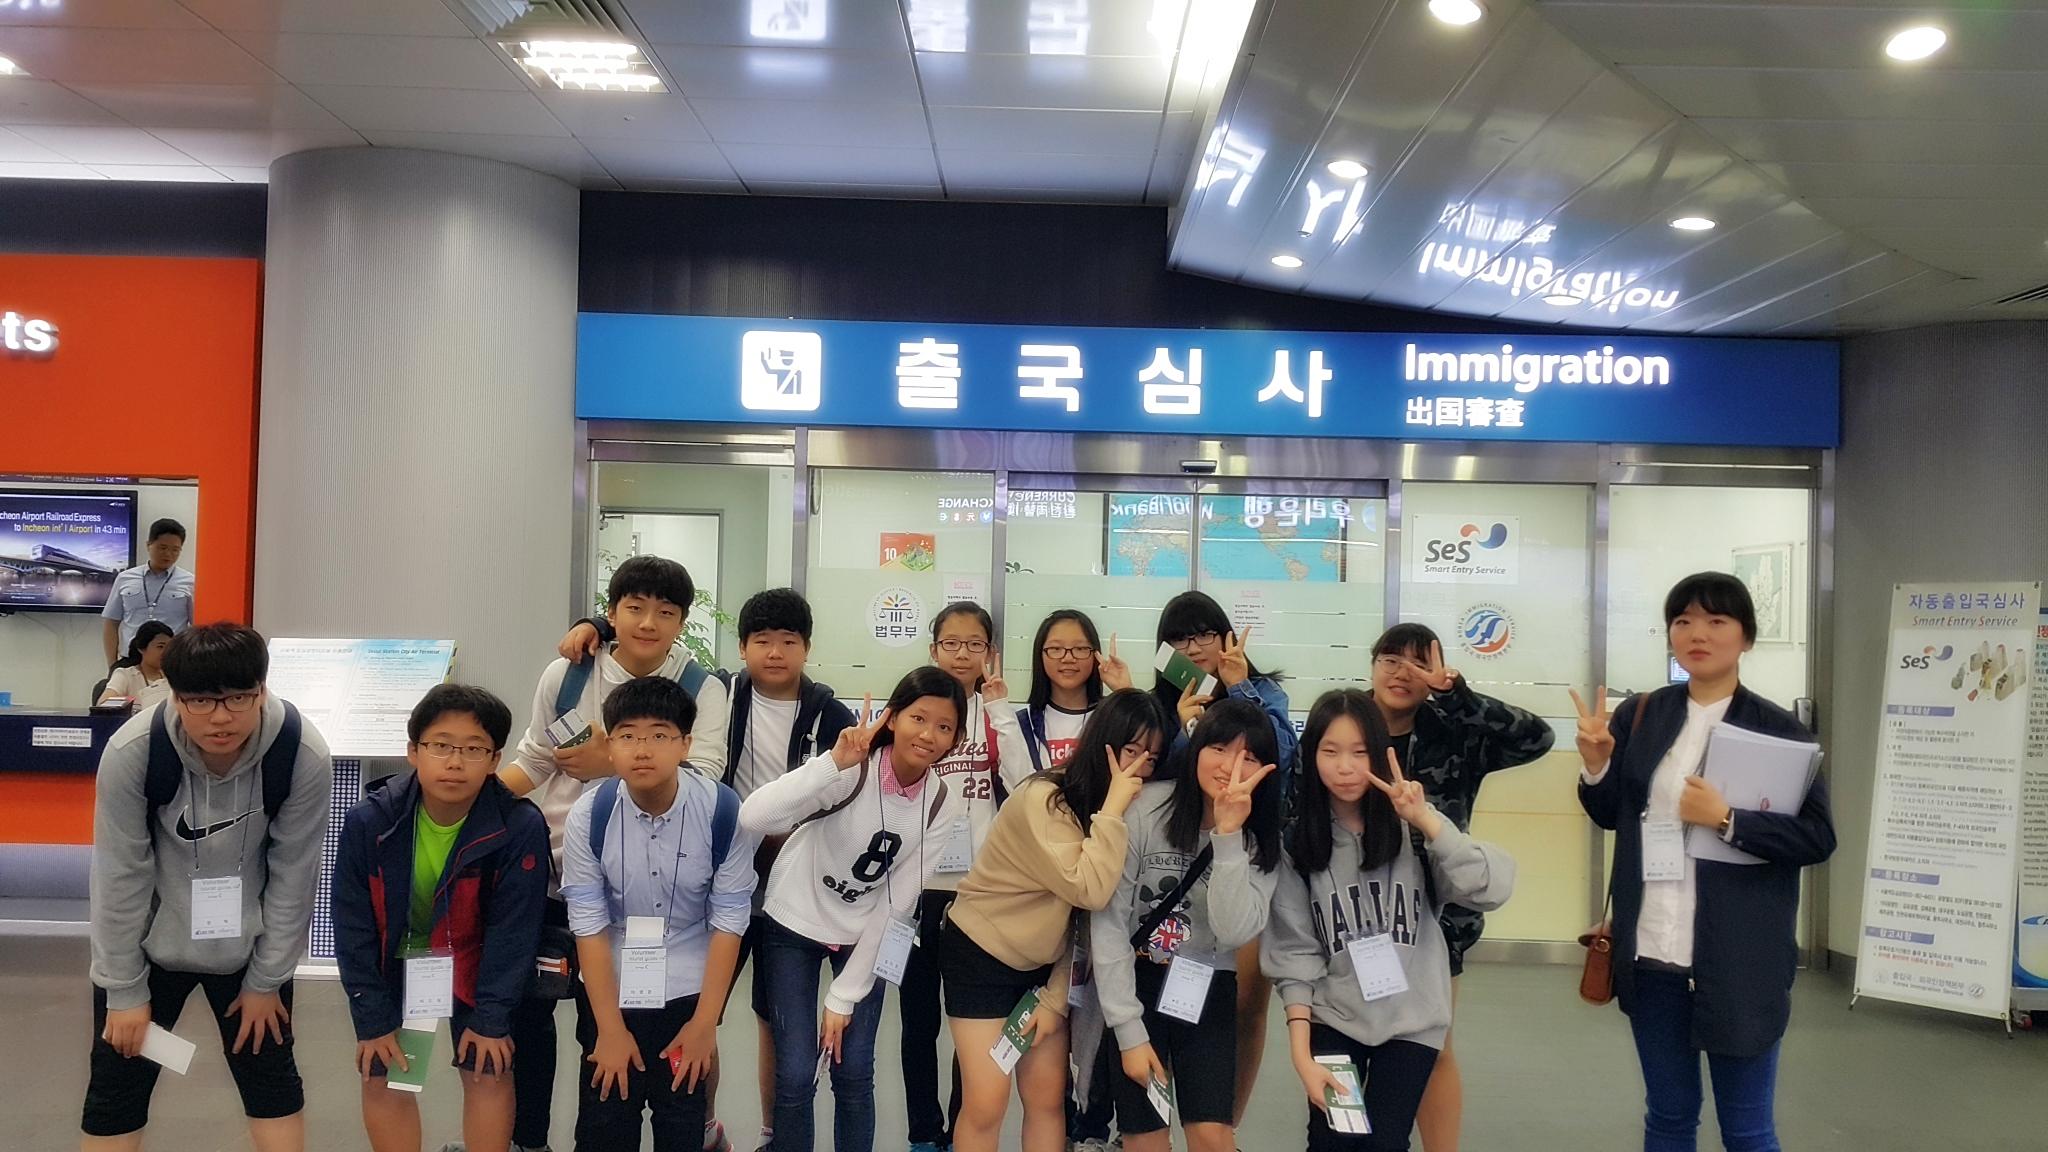 관광통역 현장실습을 체험중인 실습생이 서울역 도심공항터미널 앞에서 찍은 단체 사진 이미지입니다.